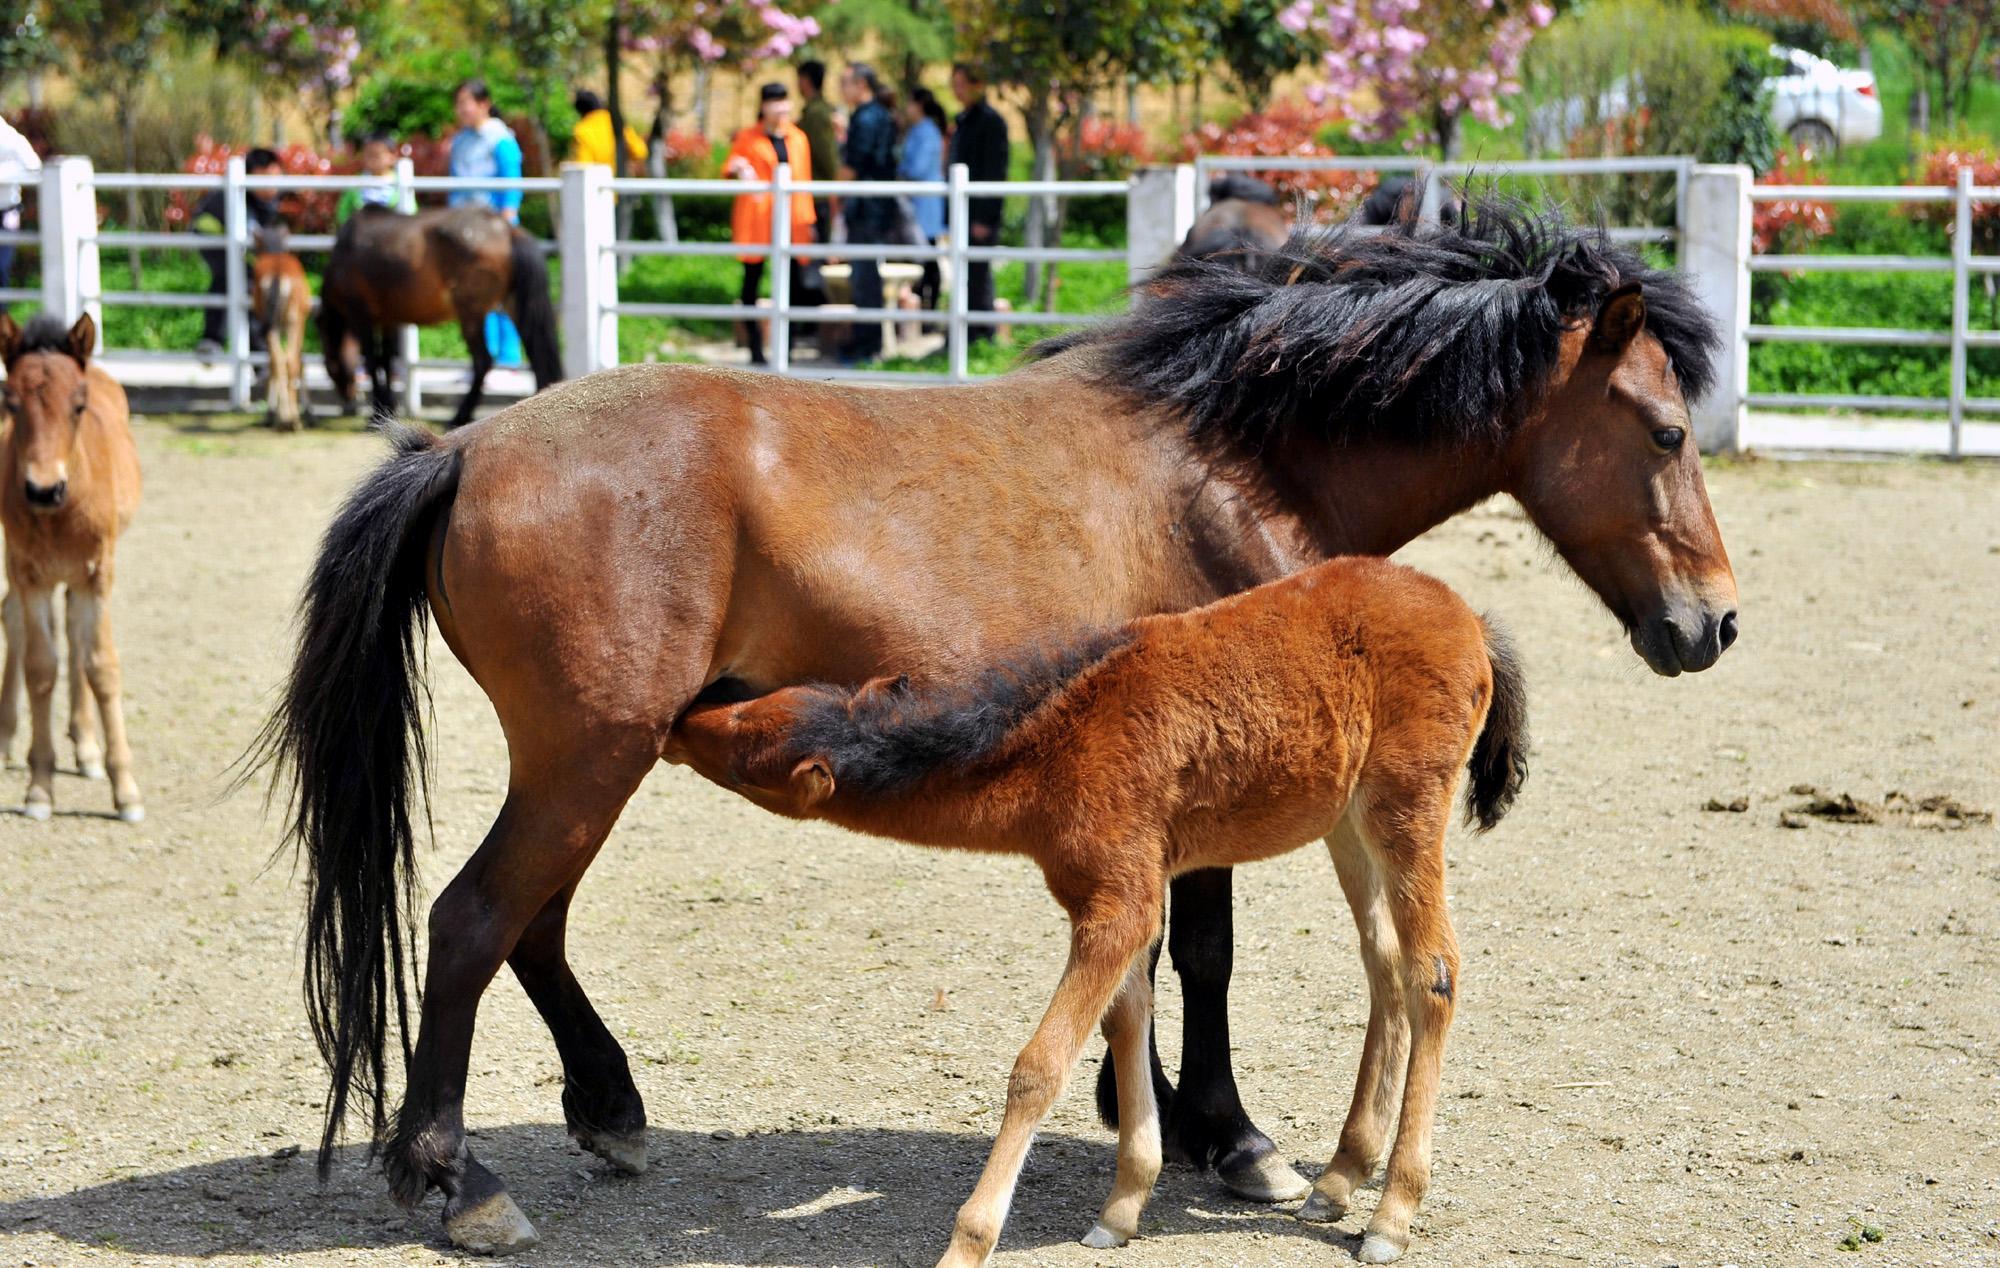 新华社照片,汉中(陕西),2015年4月14日   陕西宁强矮马数量持续增加   4月12日,在宁强县矮马繁育中心,一匹宁强矮马正在哺乳小马驹。   经过多年来的有效保护,我国珍稀矮马品种宁强矮马在陕西省宁强县的种群数量持续增加。目前,全县有体高106厘米以下矮马206匹,比1990年种群数量增长21.